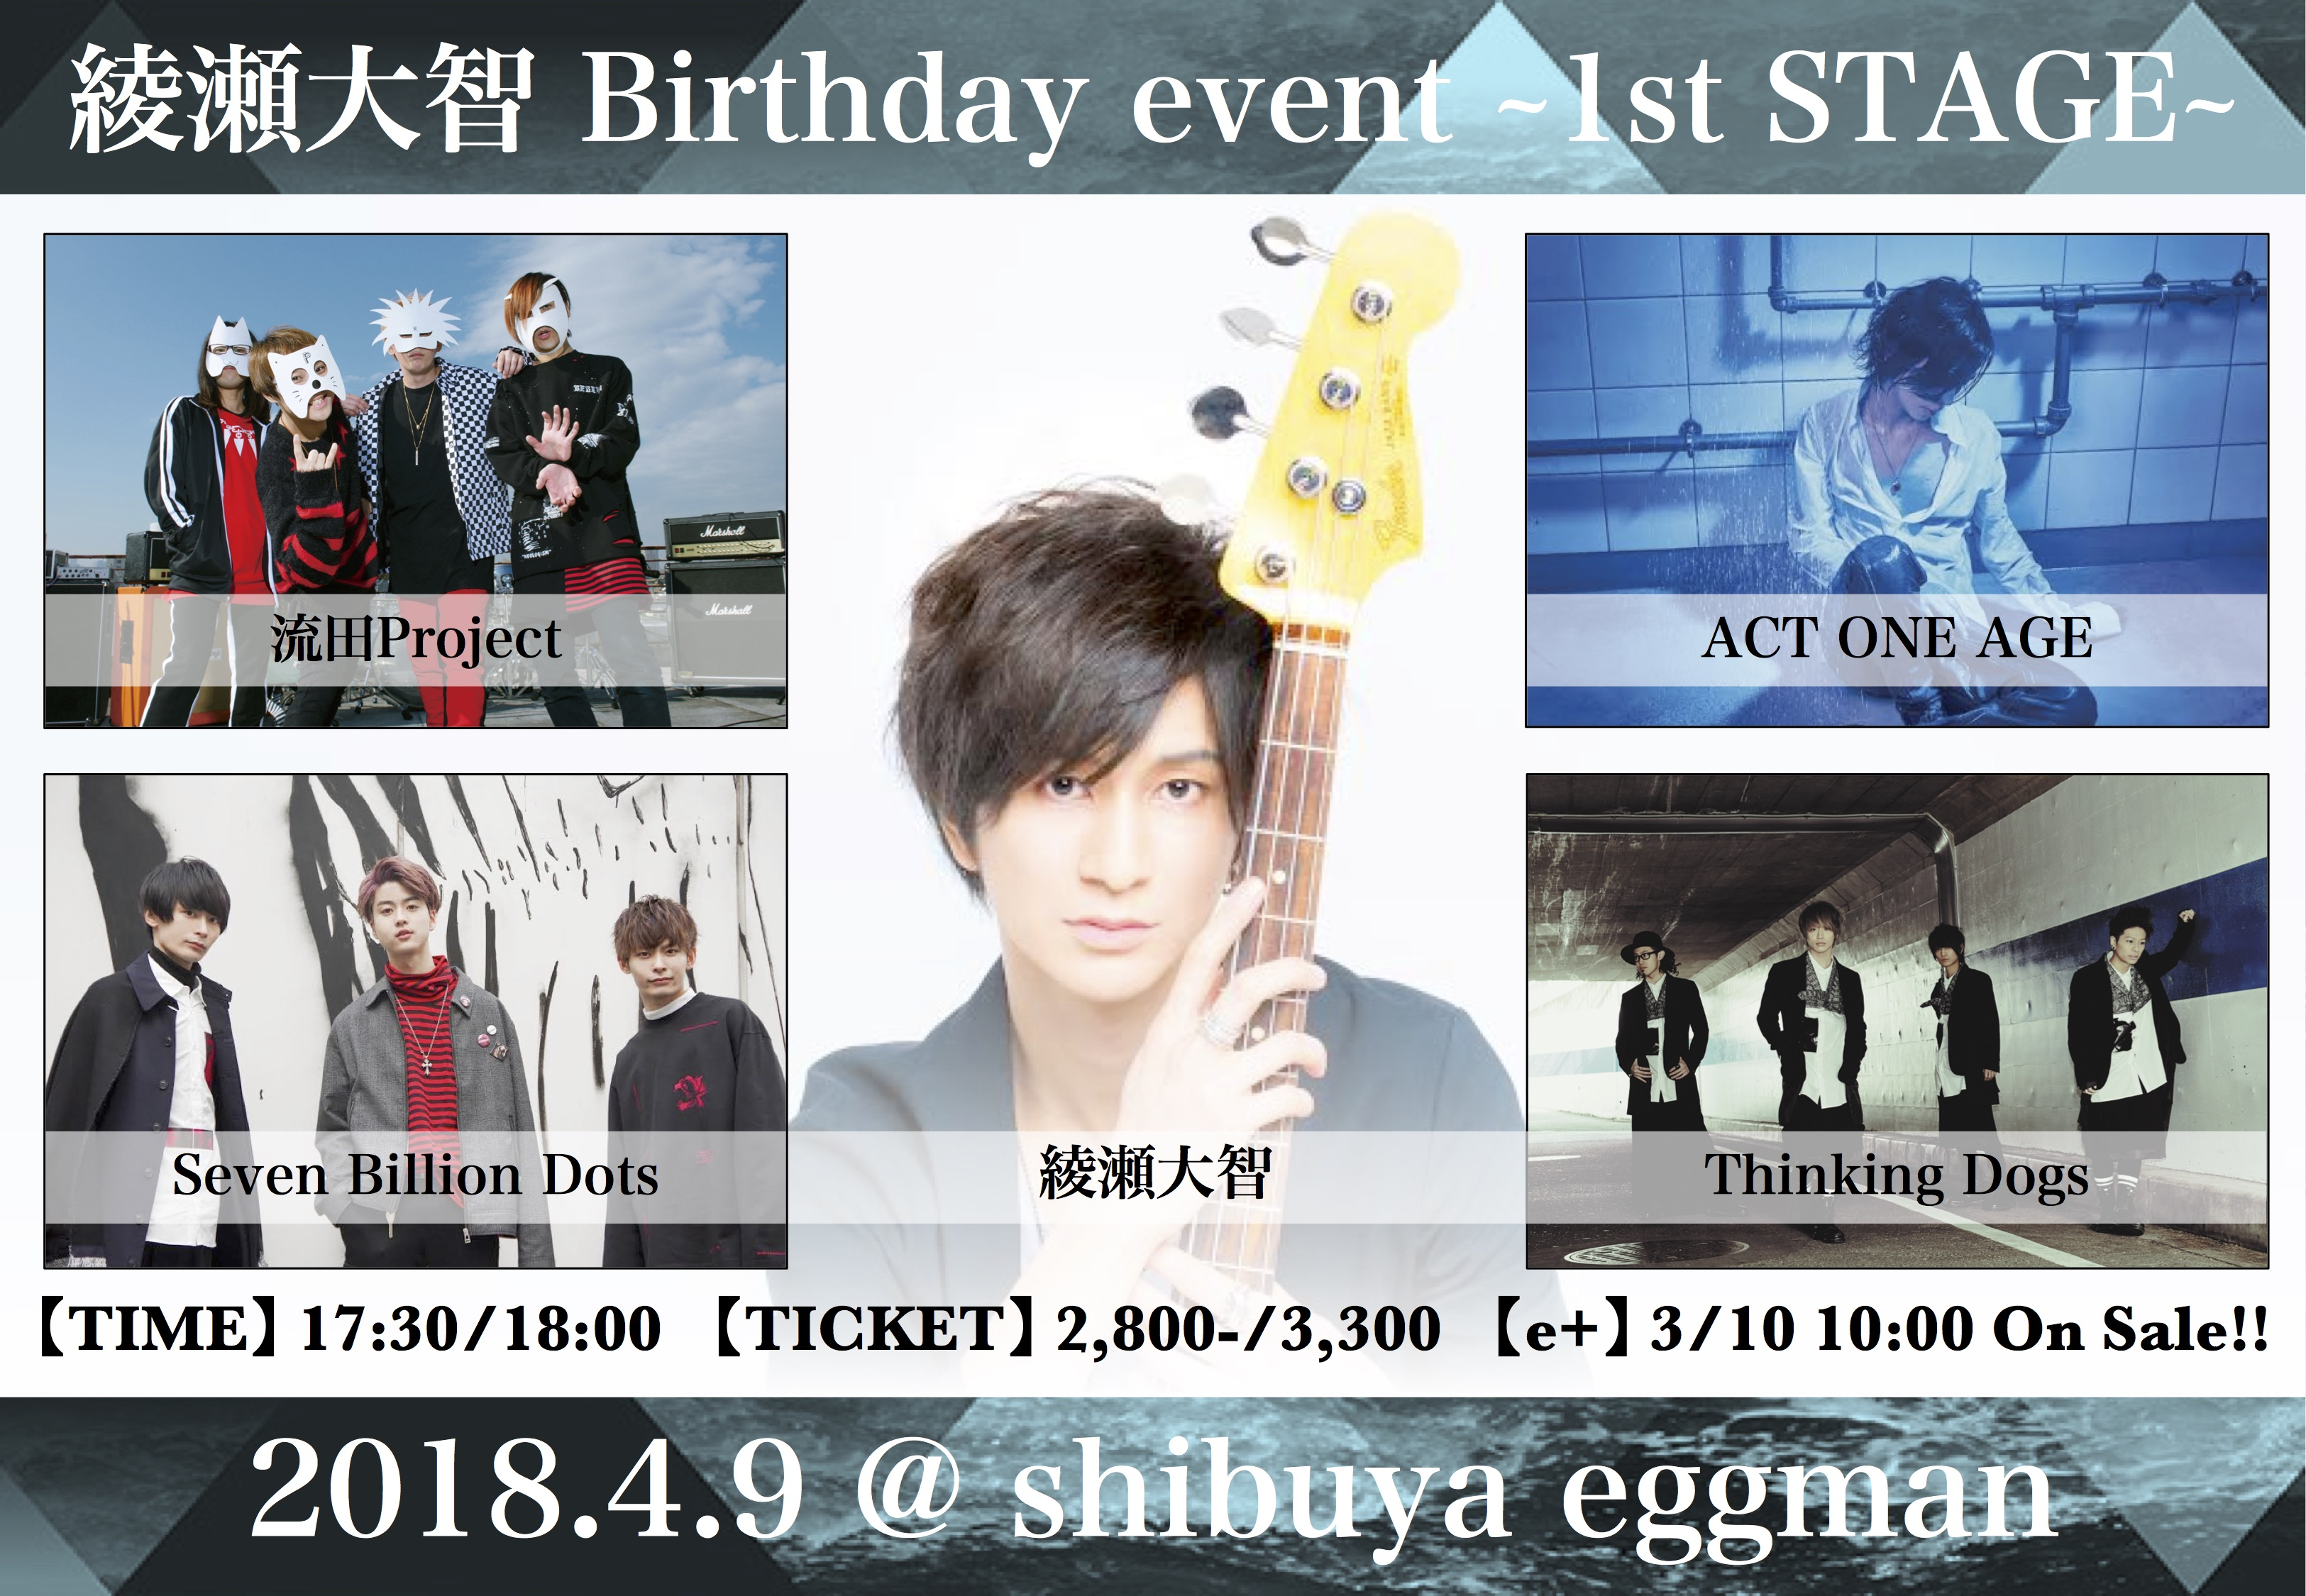 綾瀬大智 Birthday event ~1st STAGE~